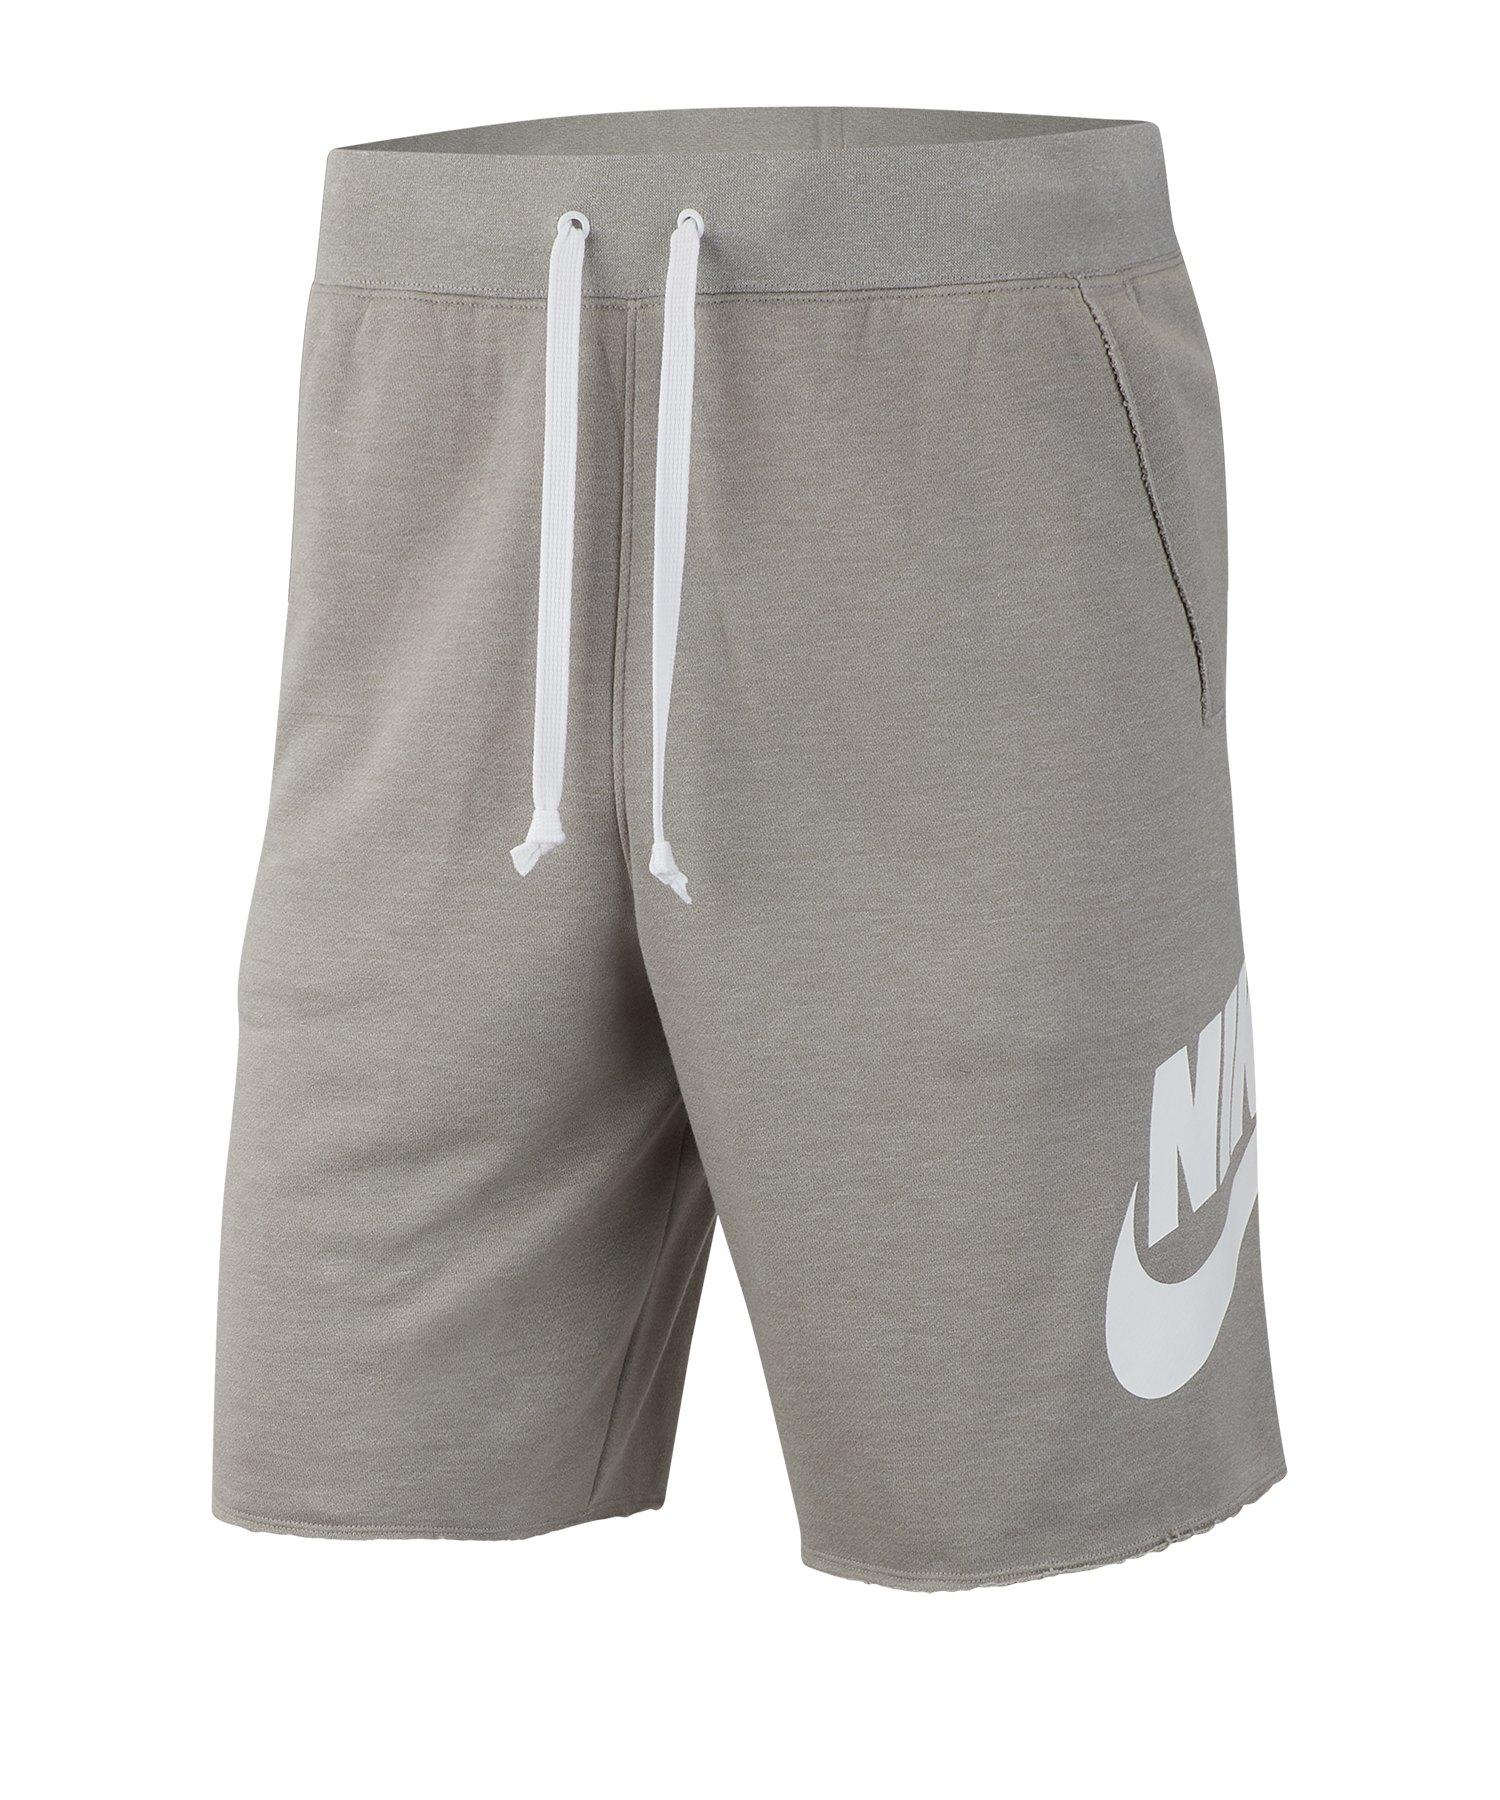 Nike Short Grau Weiss F064 - Grau